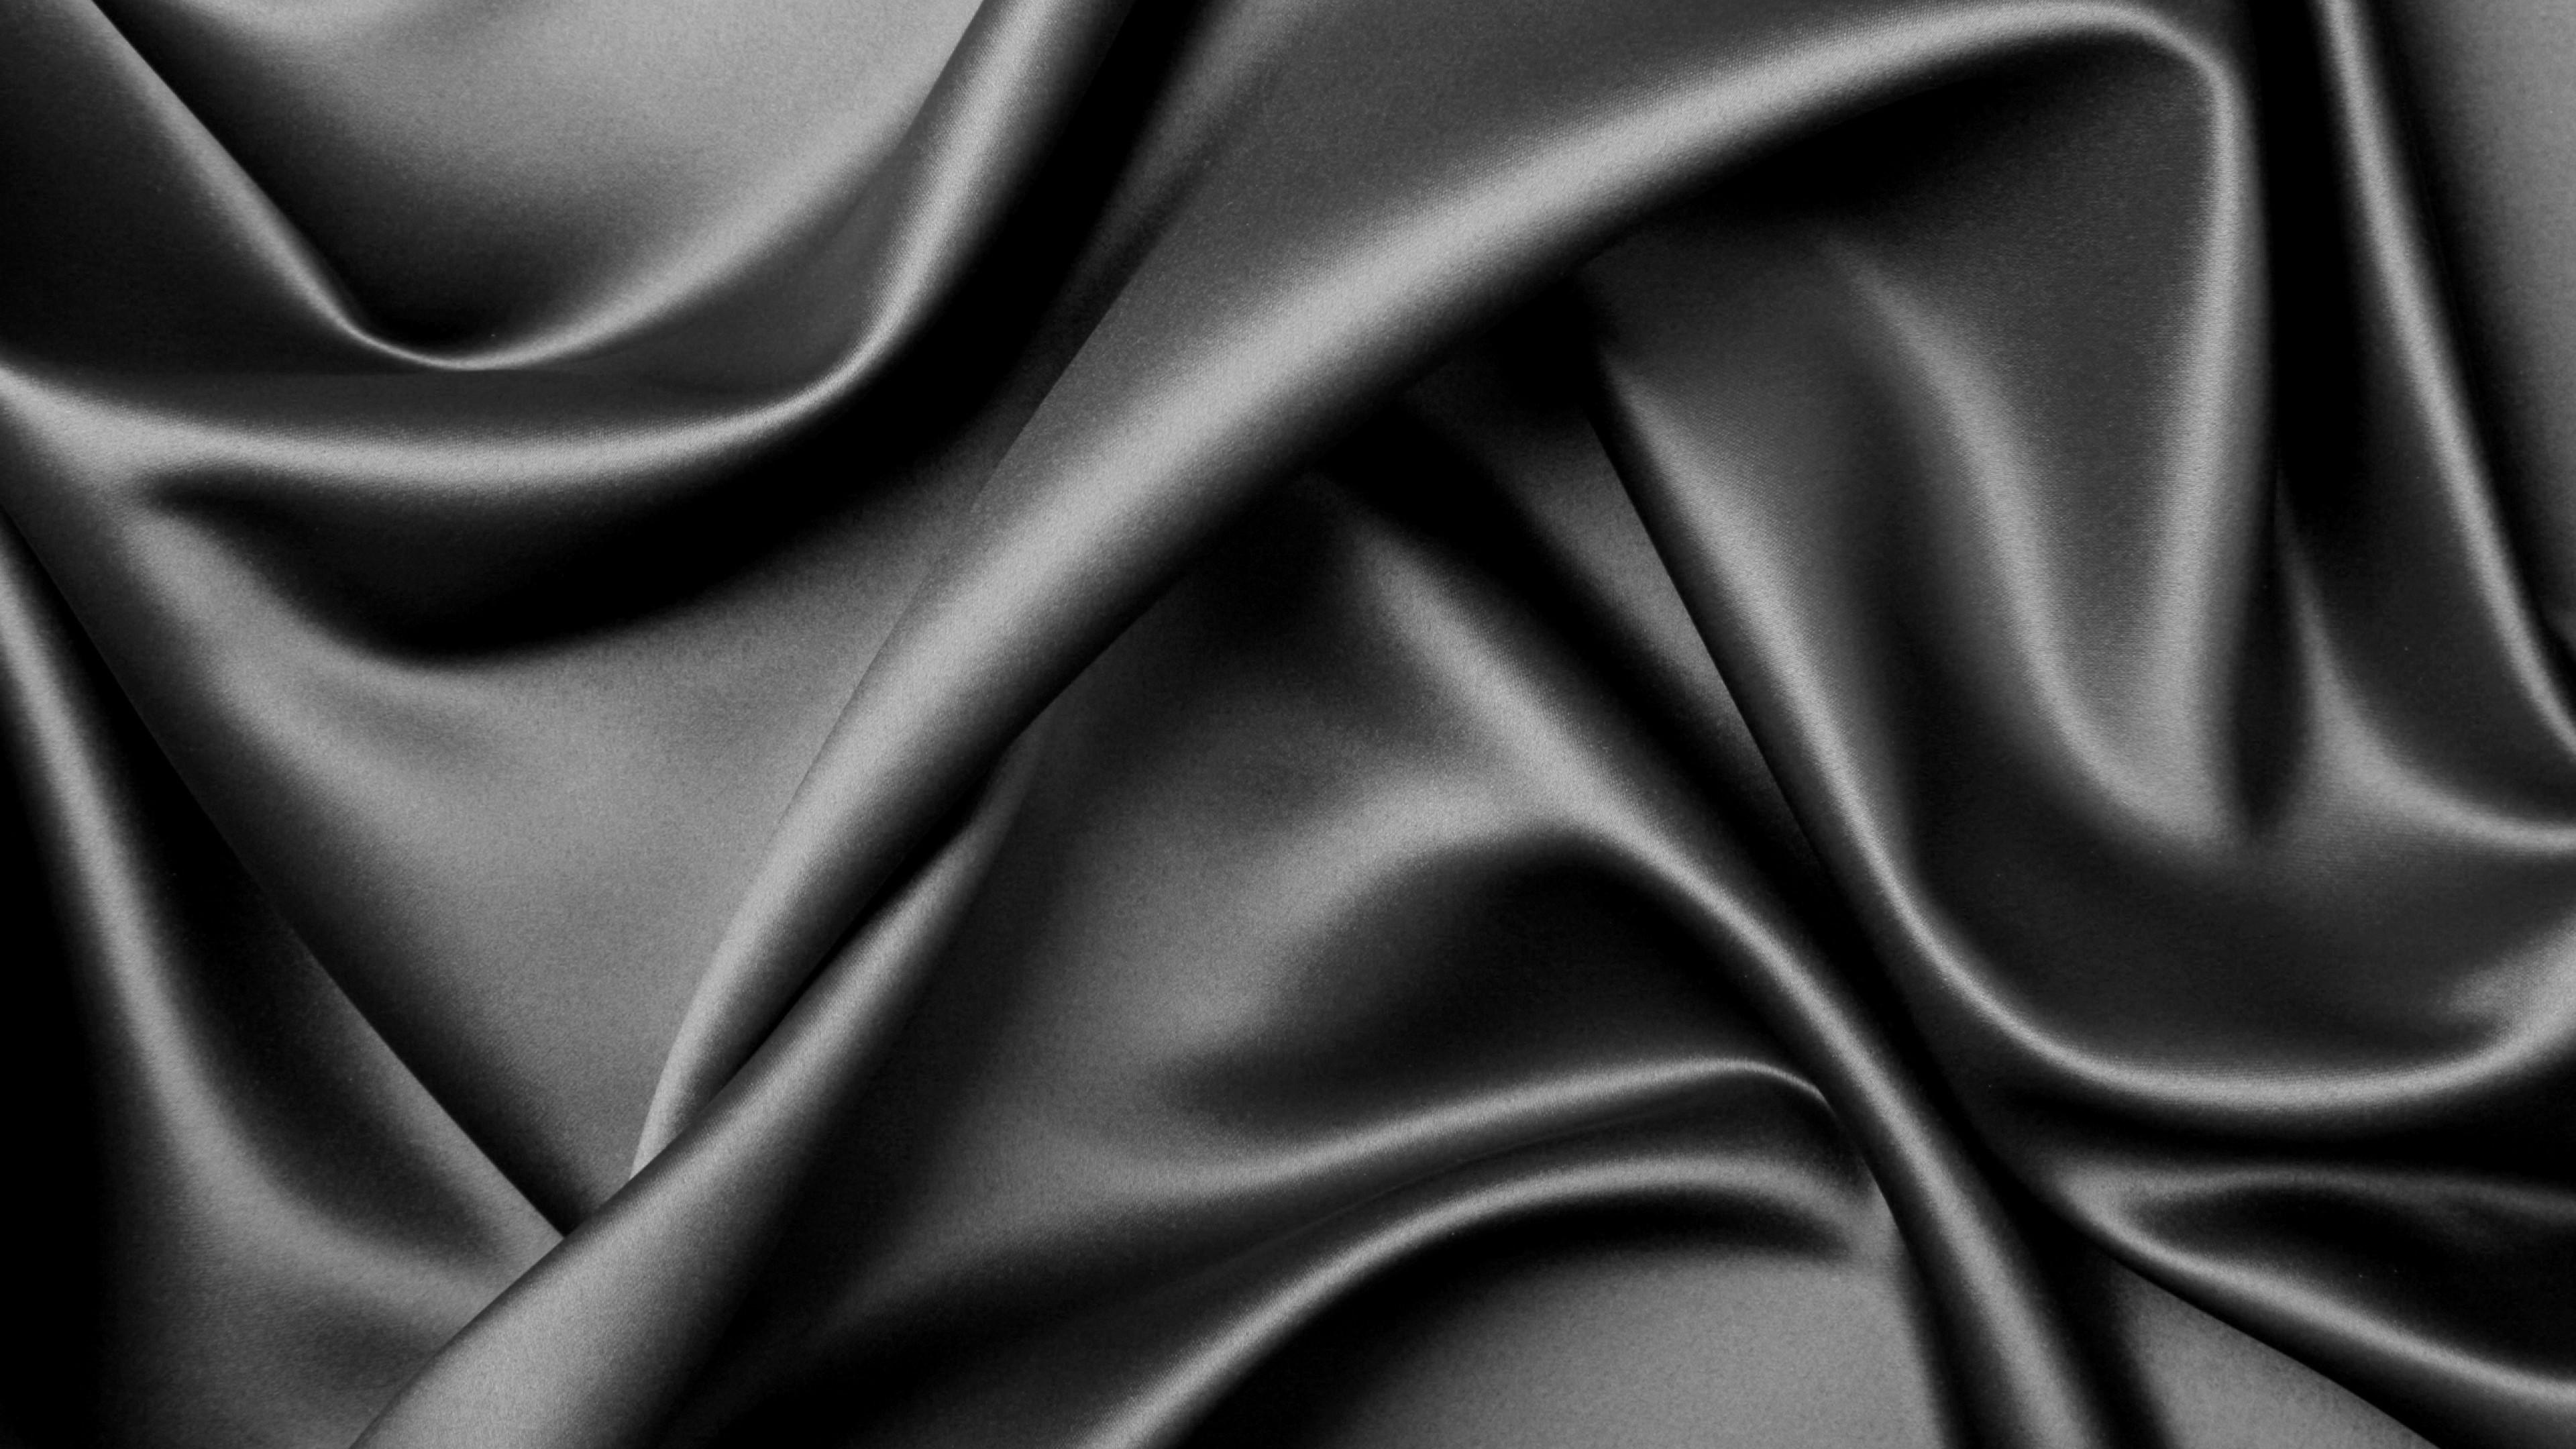 4k Material Wallpaper 79 Images